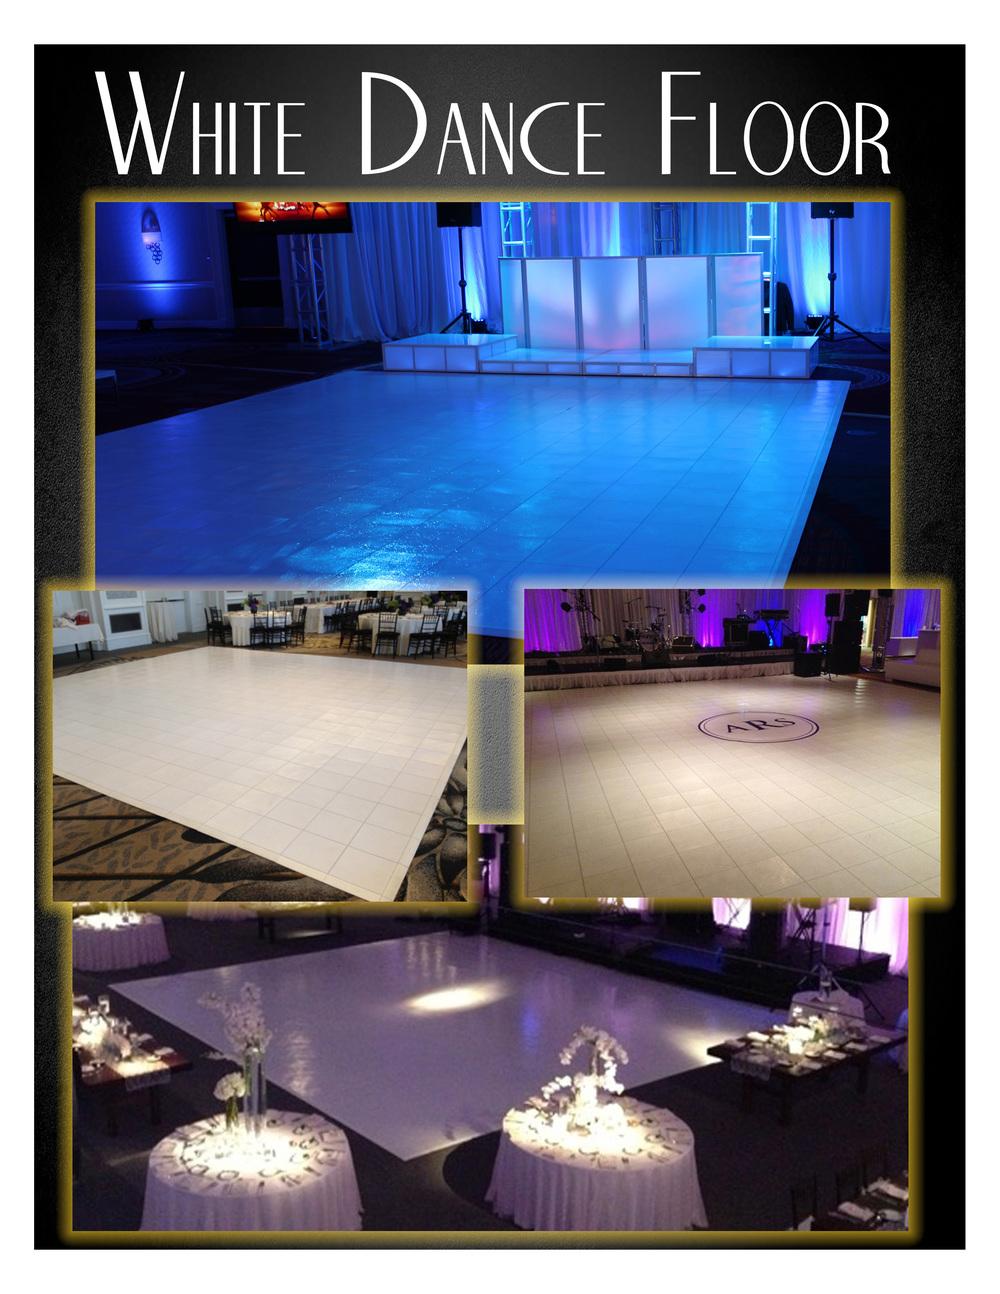 P4_White Dance Floor.jpg